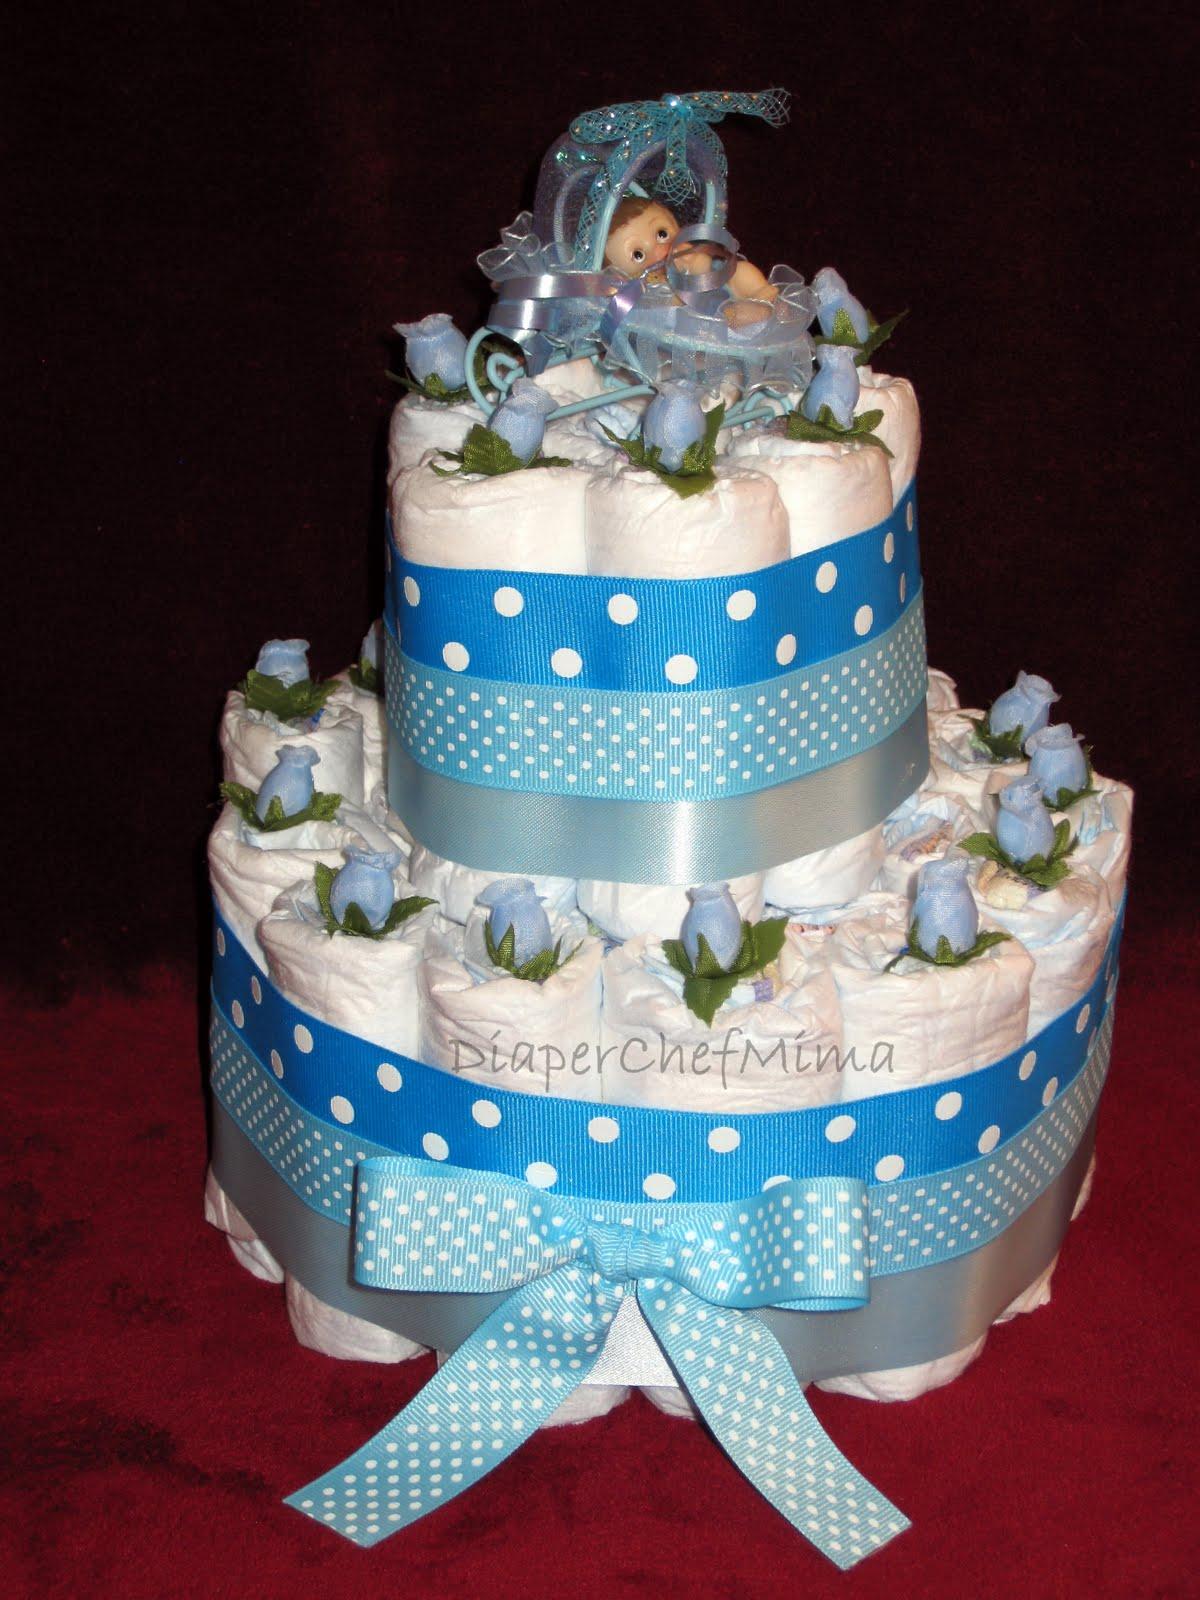 Pin Diaper Cake Cake On Pinterest